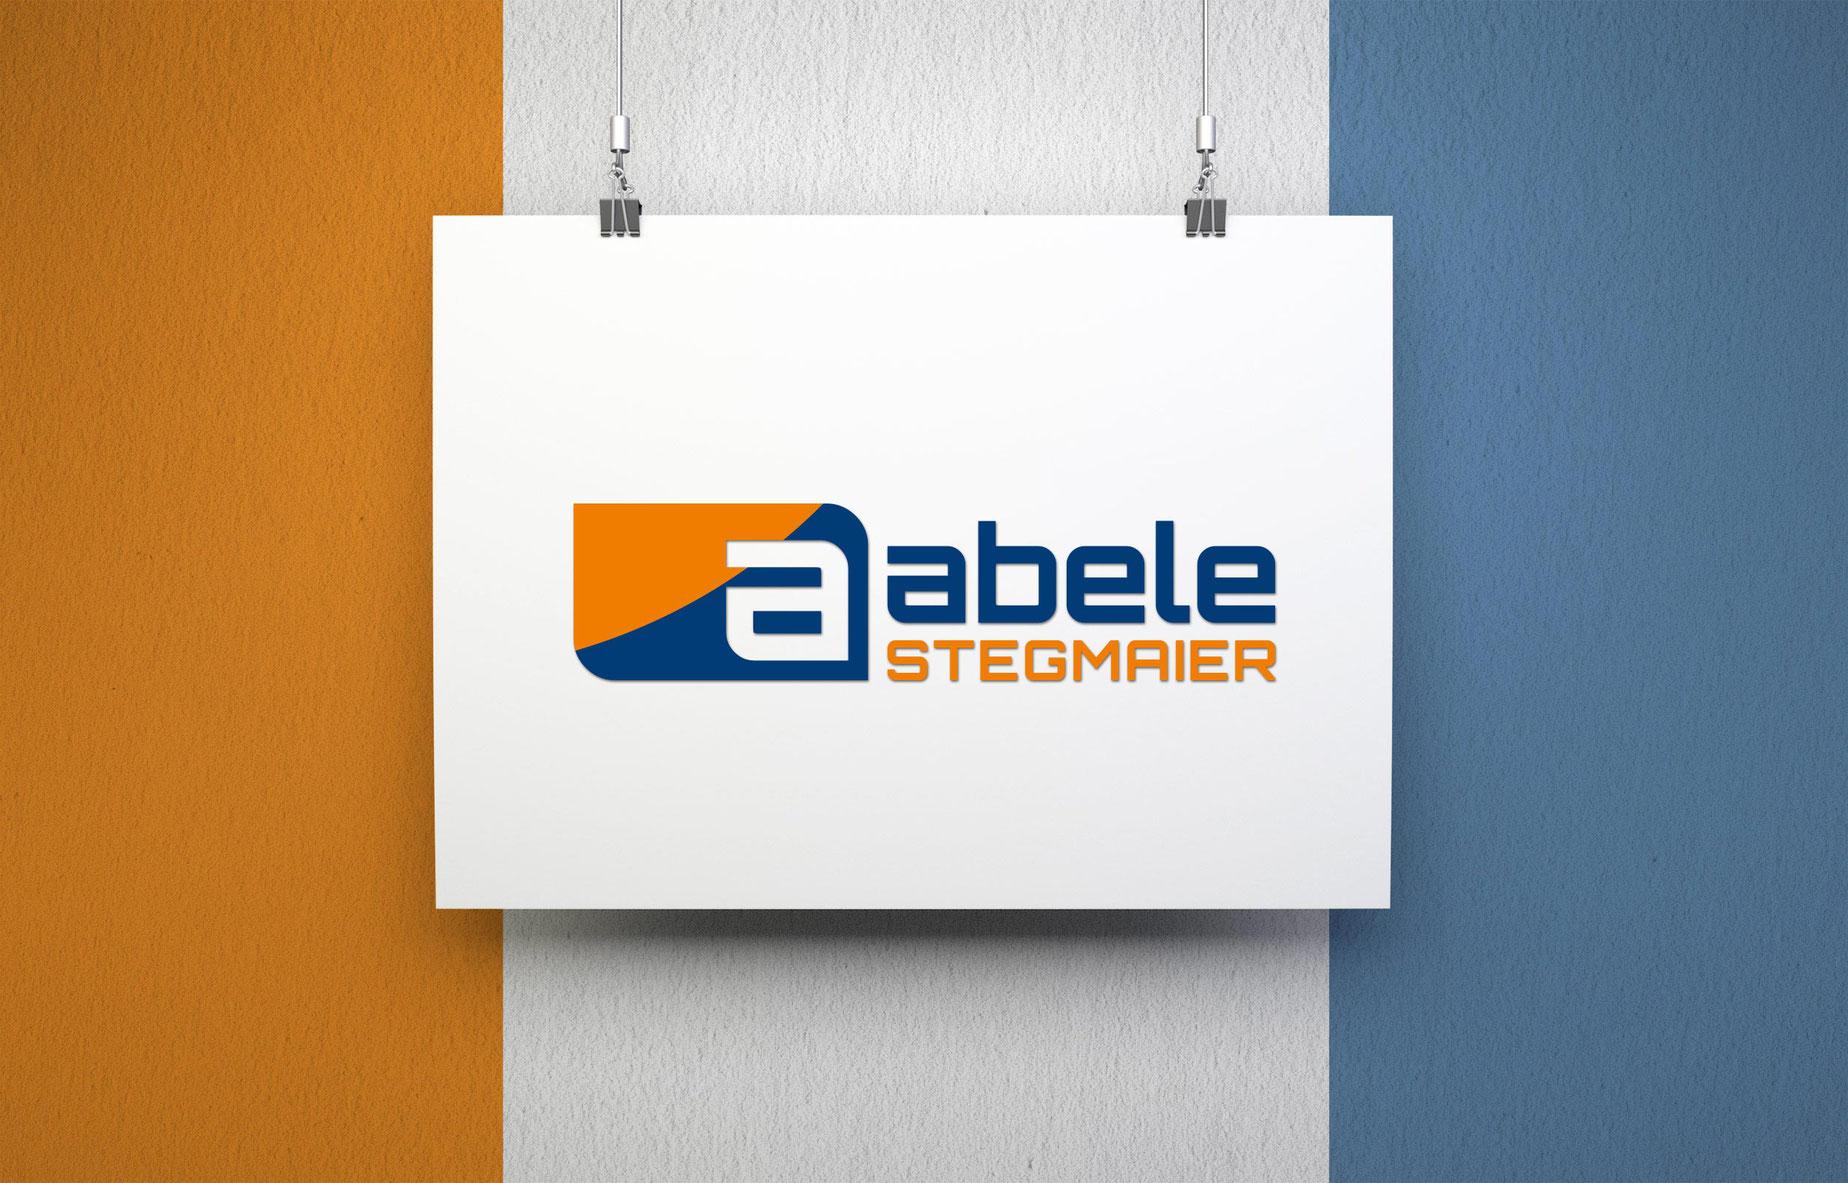 ABELE STEGMAIER Logodarstellung